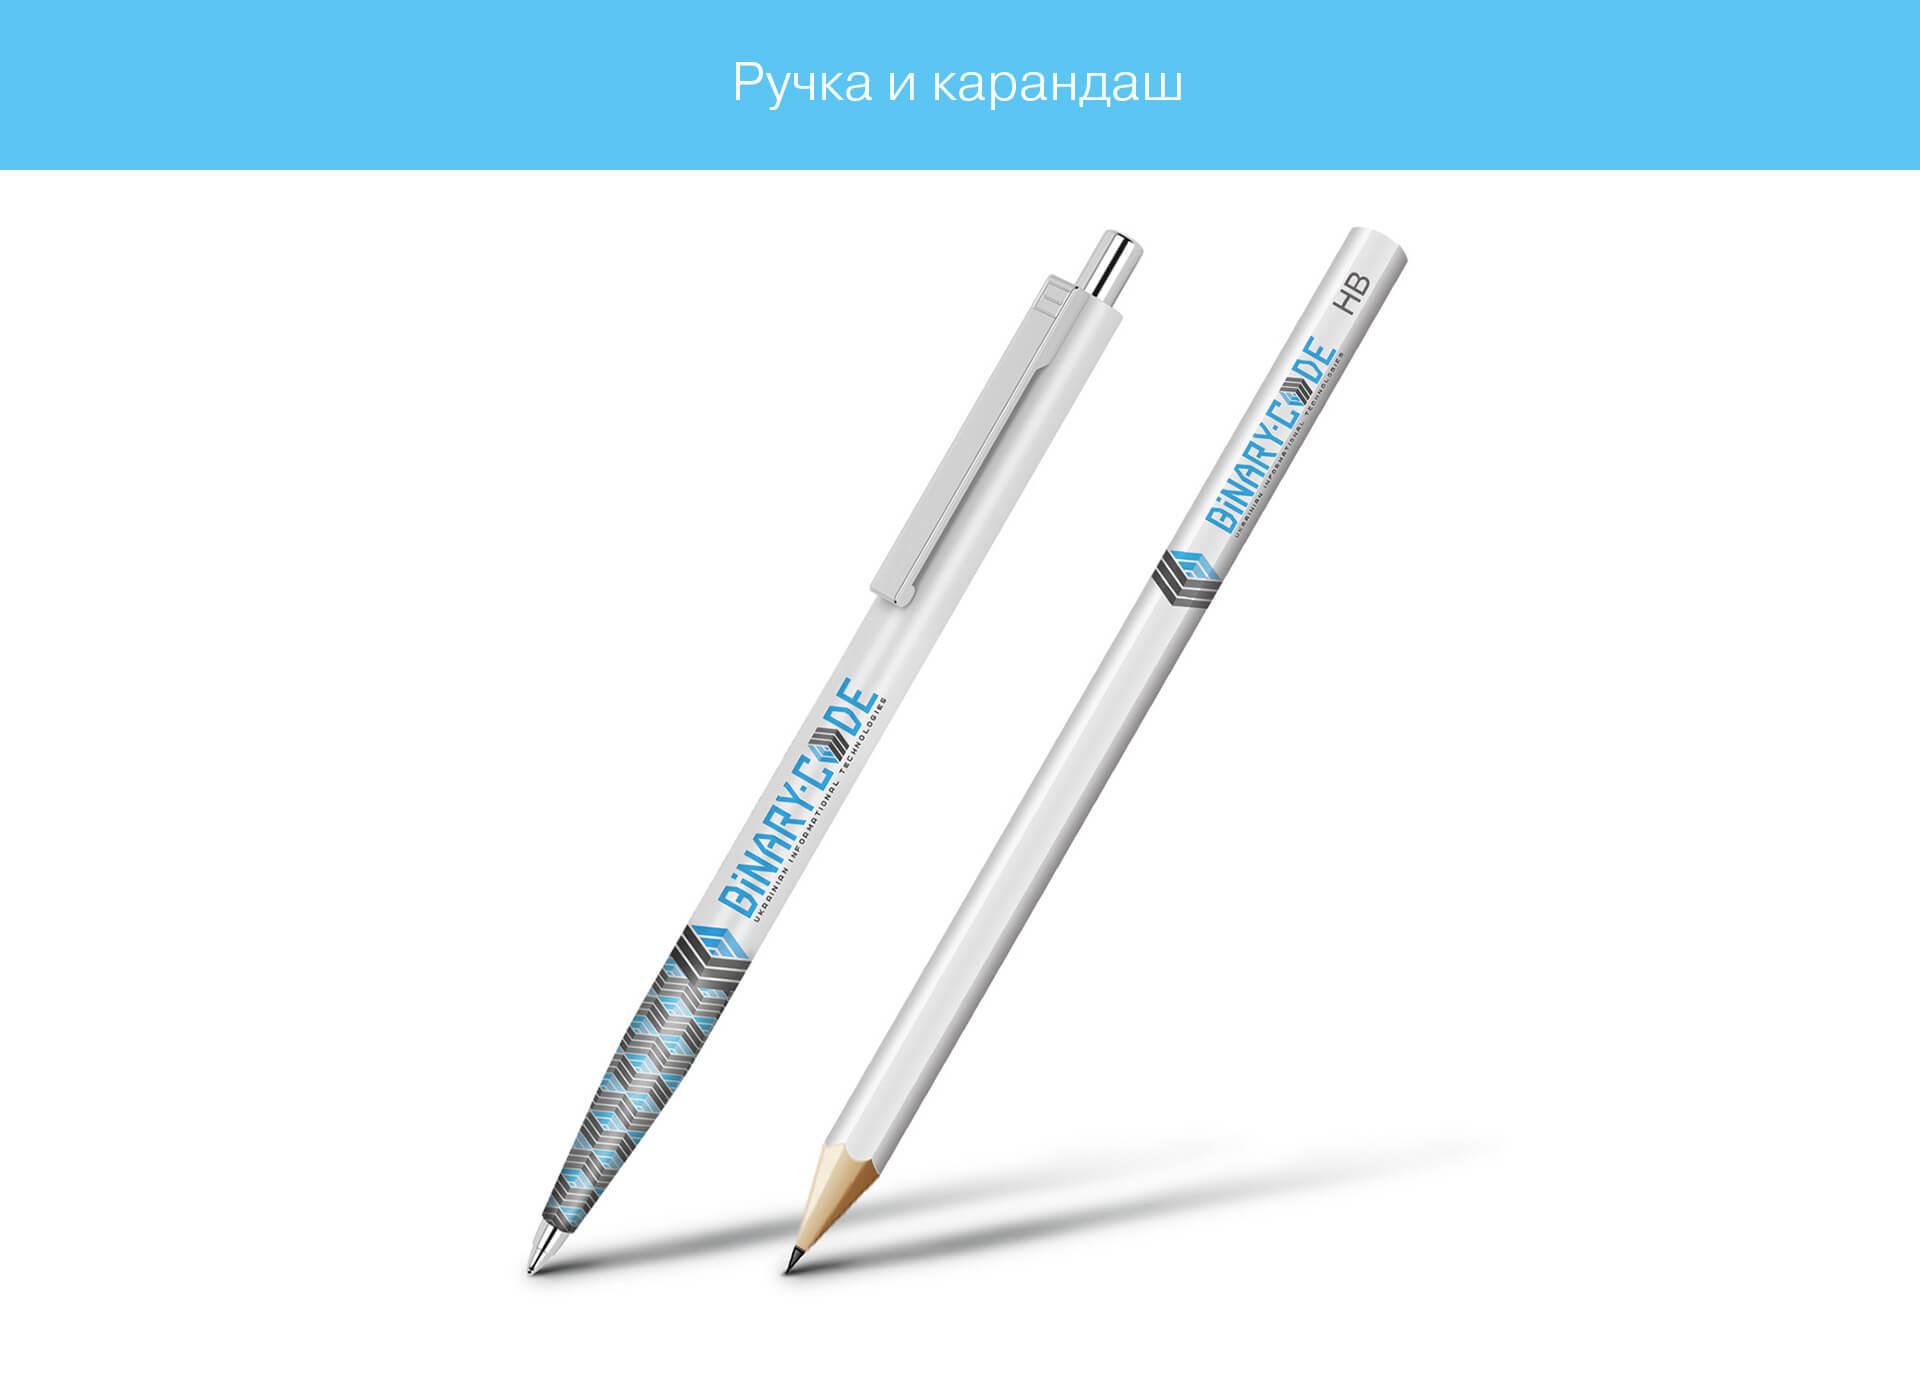 Разработка и создание дизайна ручки и карандаша (брендинг) от Fantastic Imago брендиногове рекламное агентство